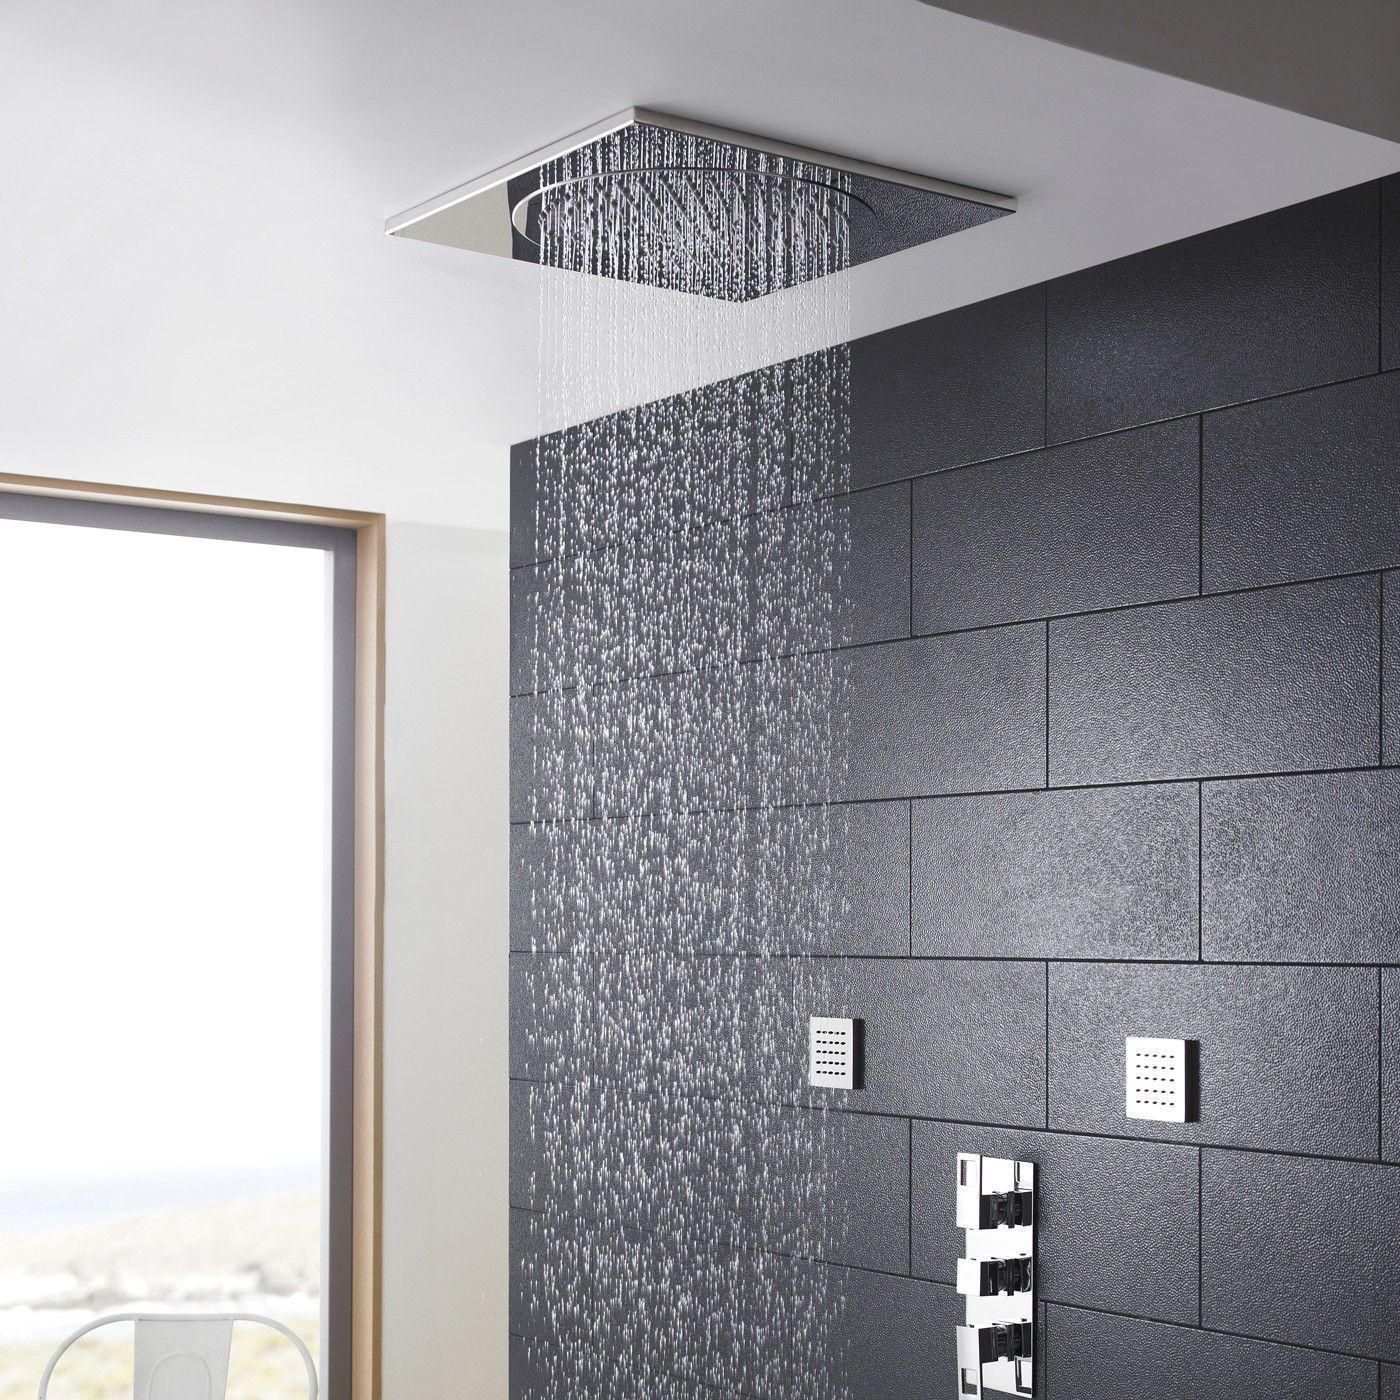 t te de douche encastrable plafond 19 3 4 po deco pinterest douche encastrable plafond et. Black Bedroom Furniture Sets. Home Design Ideas